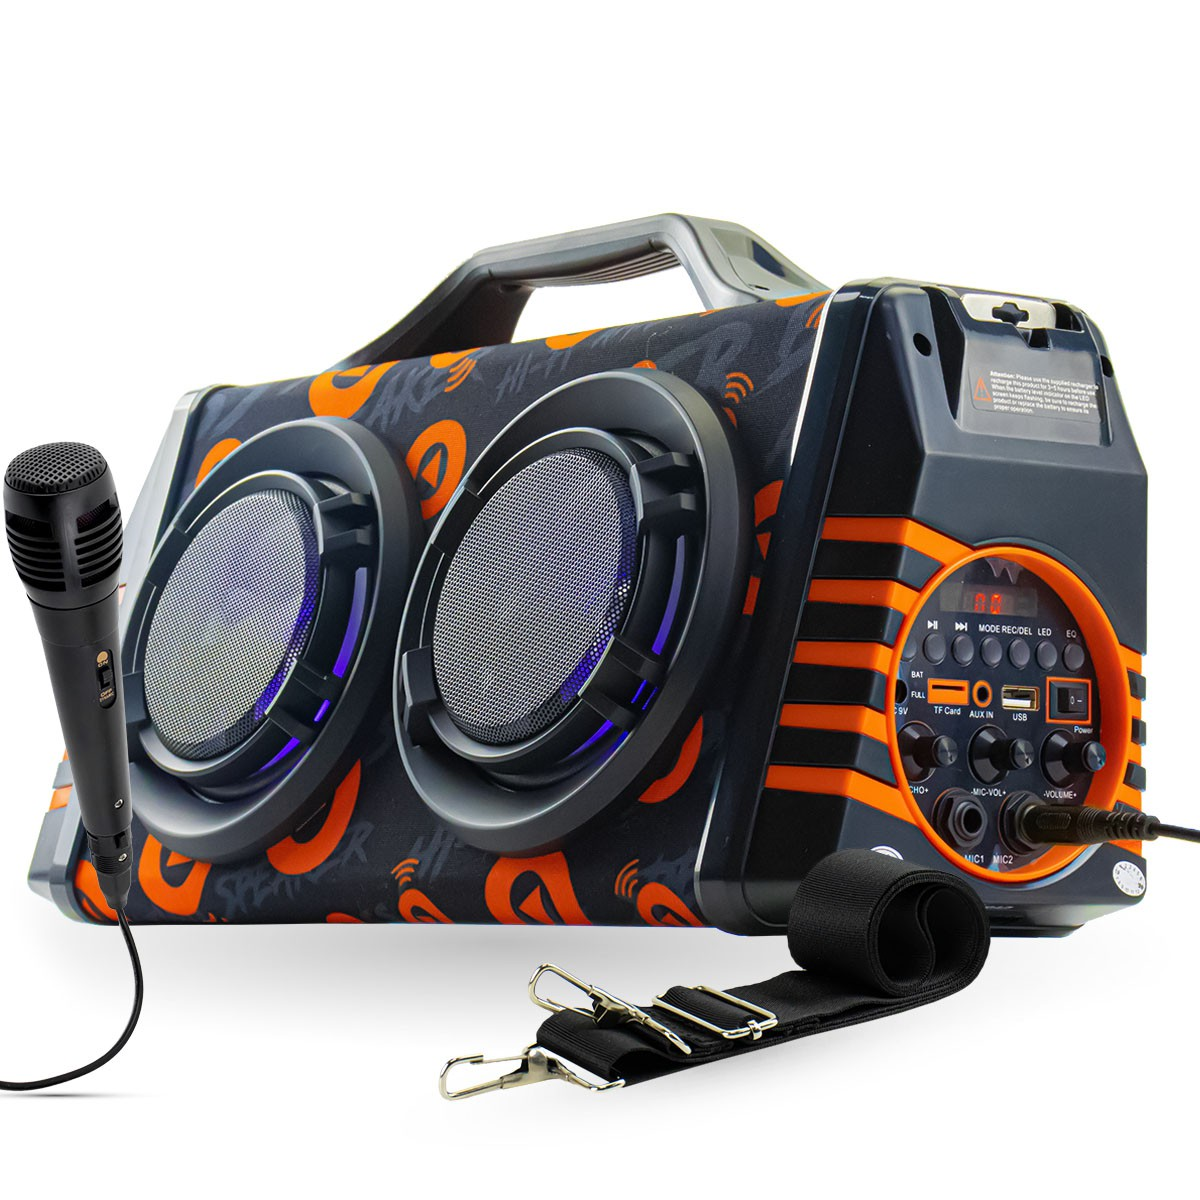 Caixa de Som Bluetooth Portátil 60 Watts RMS com Microfone Xtrad XDG-37